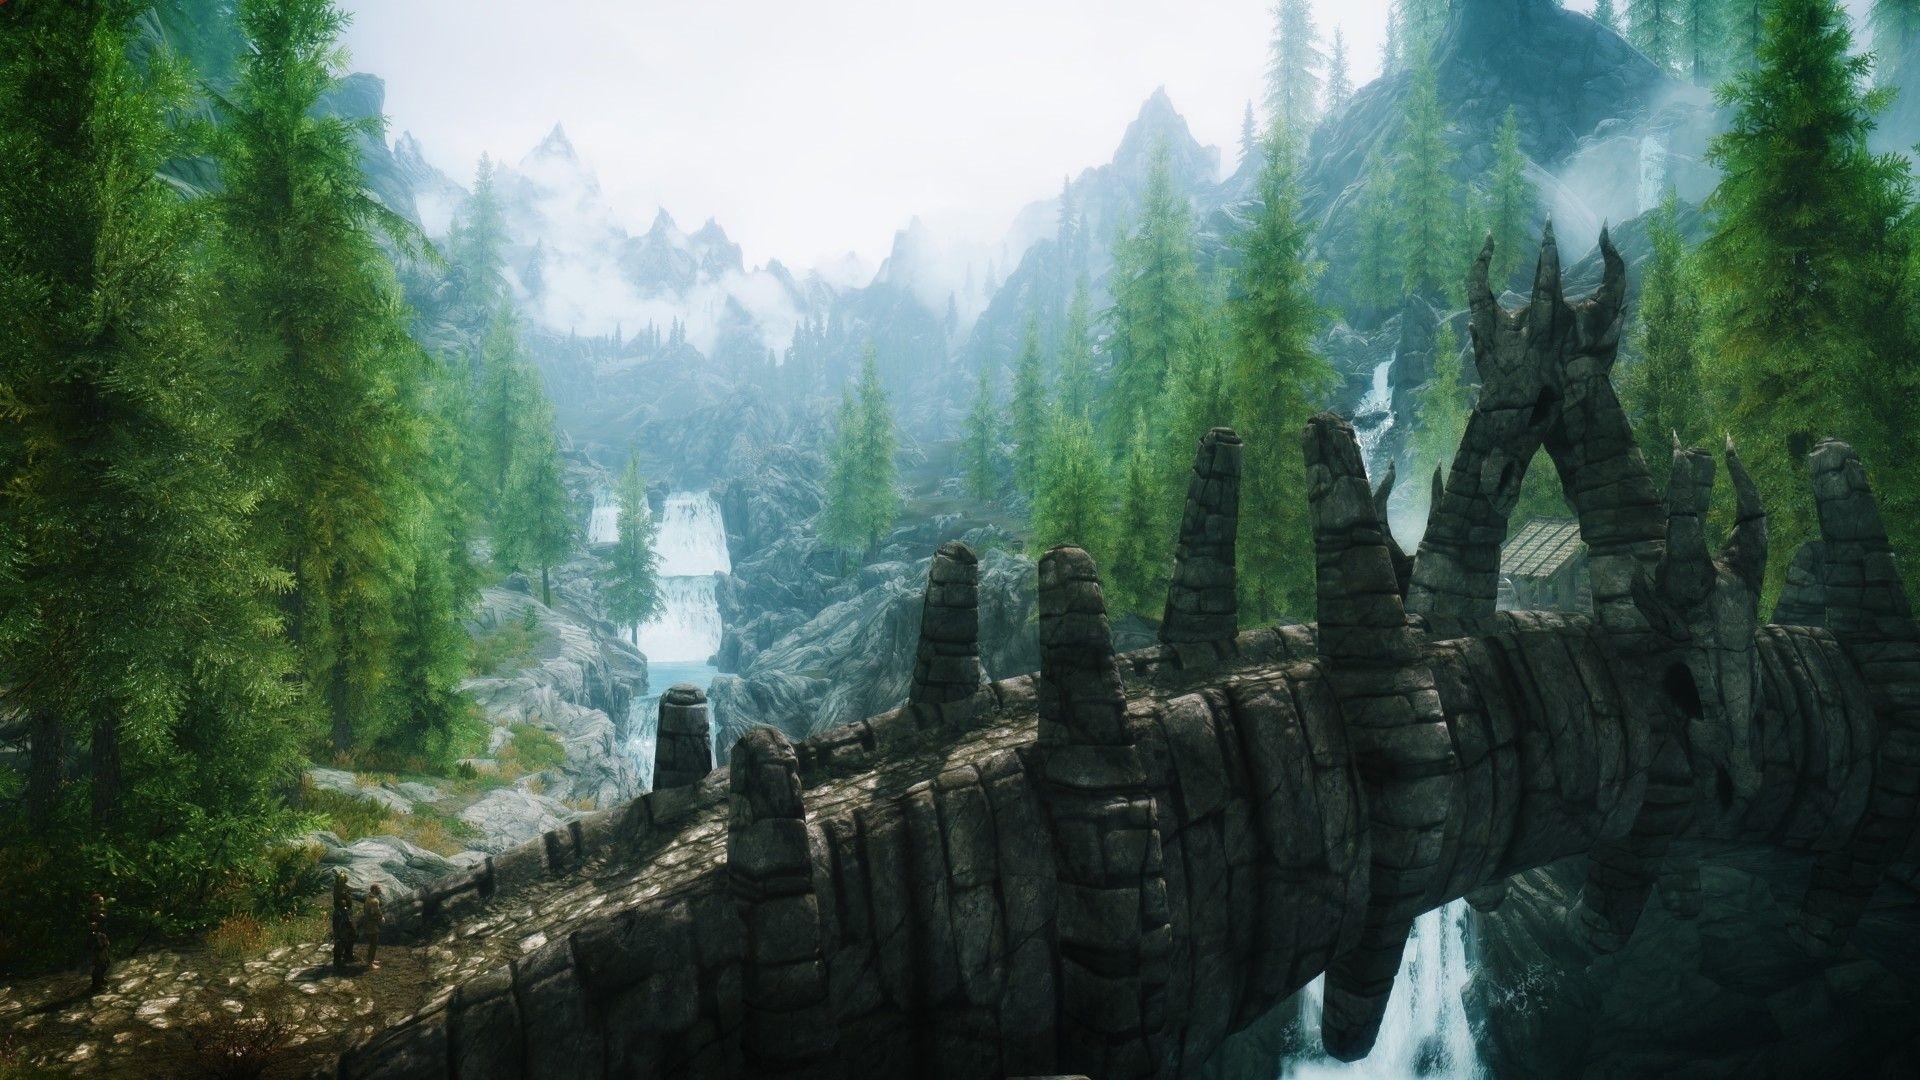 Elder Scrolls hd desktop wallpaper